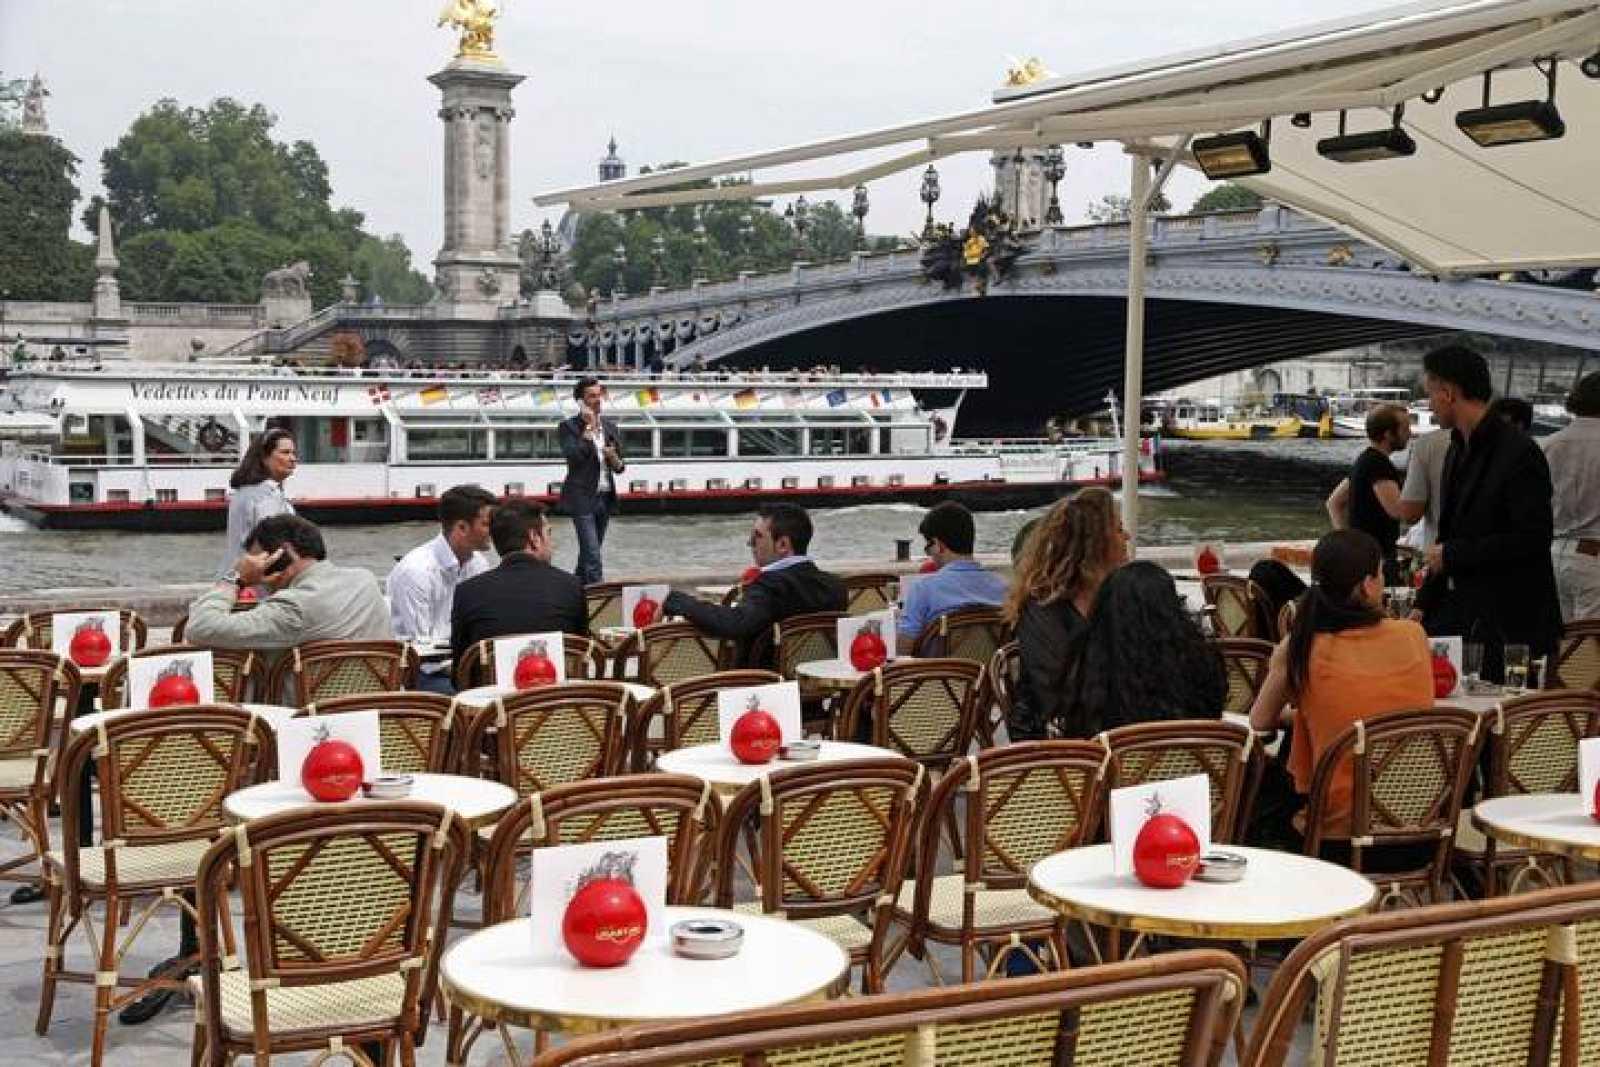 Terraza de un café a la orilla del Sena, en París